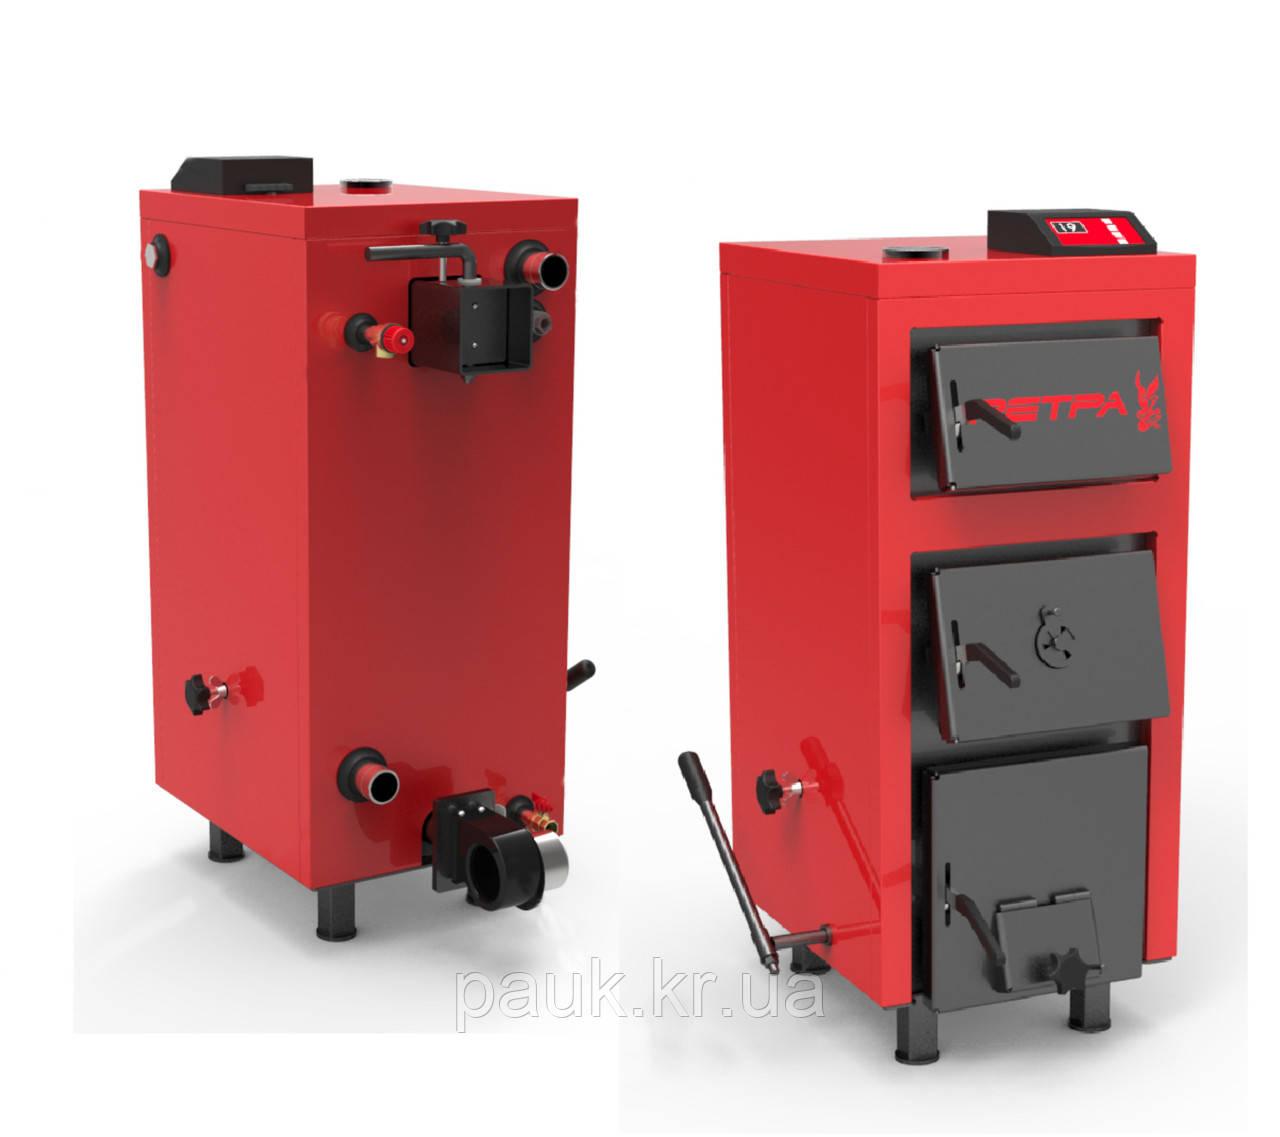 Котел Ретра-5М PLUS -25 кВт твердопаливний побутовий